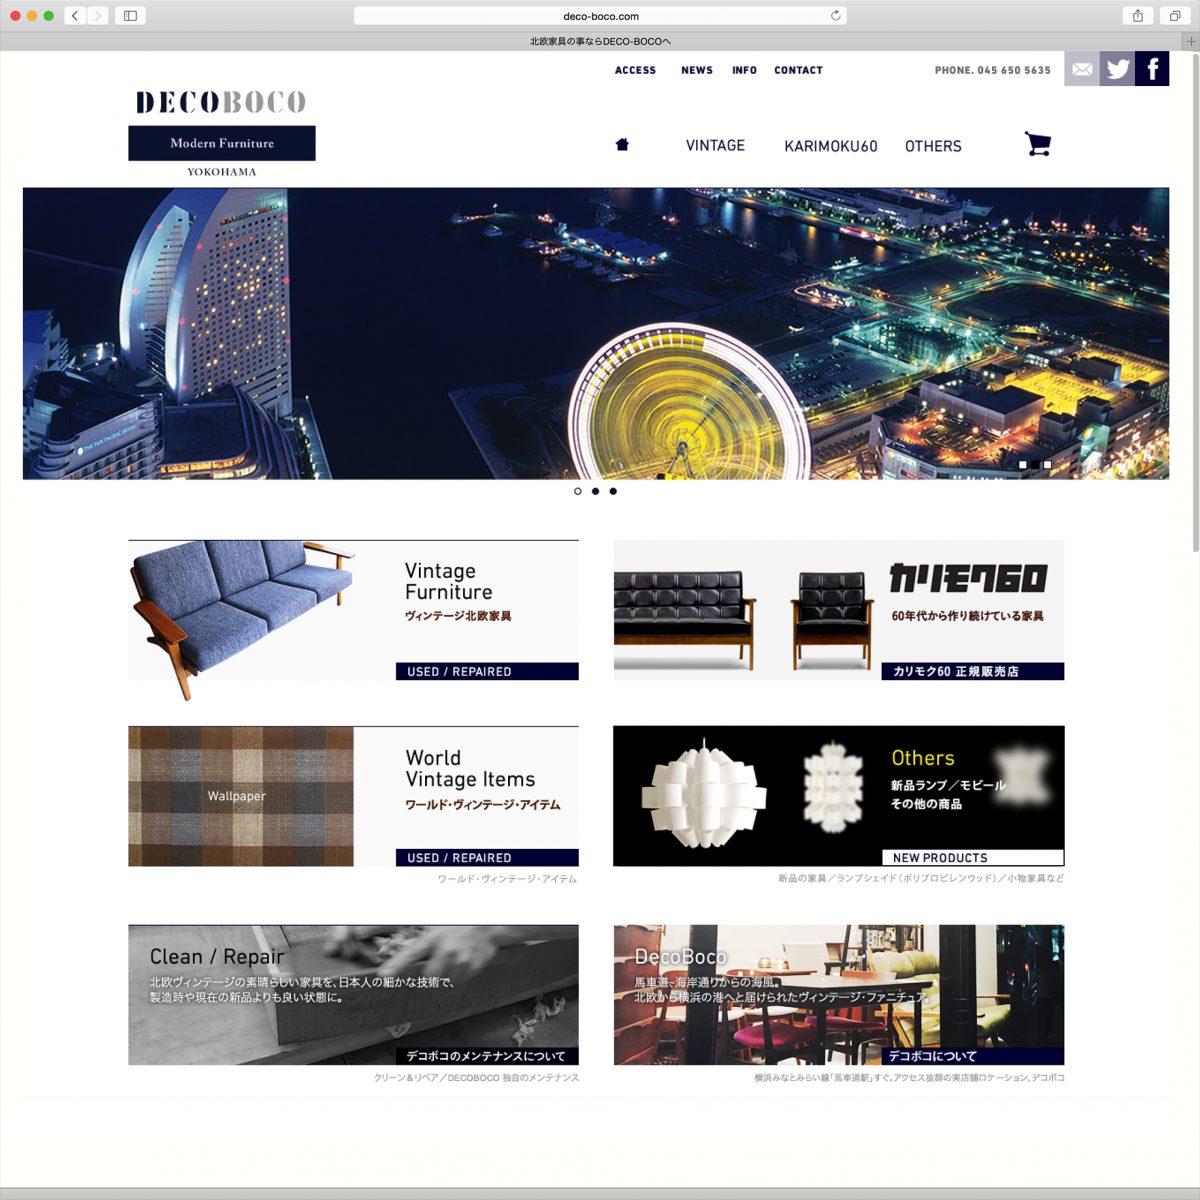 北欧ヴィンテージ家具 Modern Furniture DECO BOCO, Yokohama|ウェブサイトデザイン|神奈川県横浜市